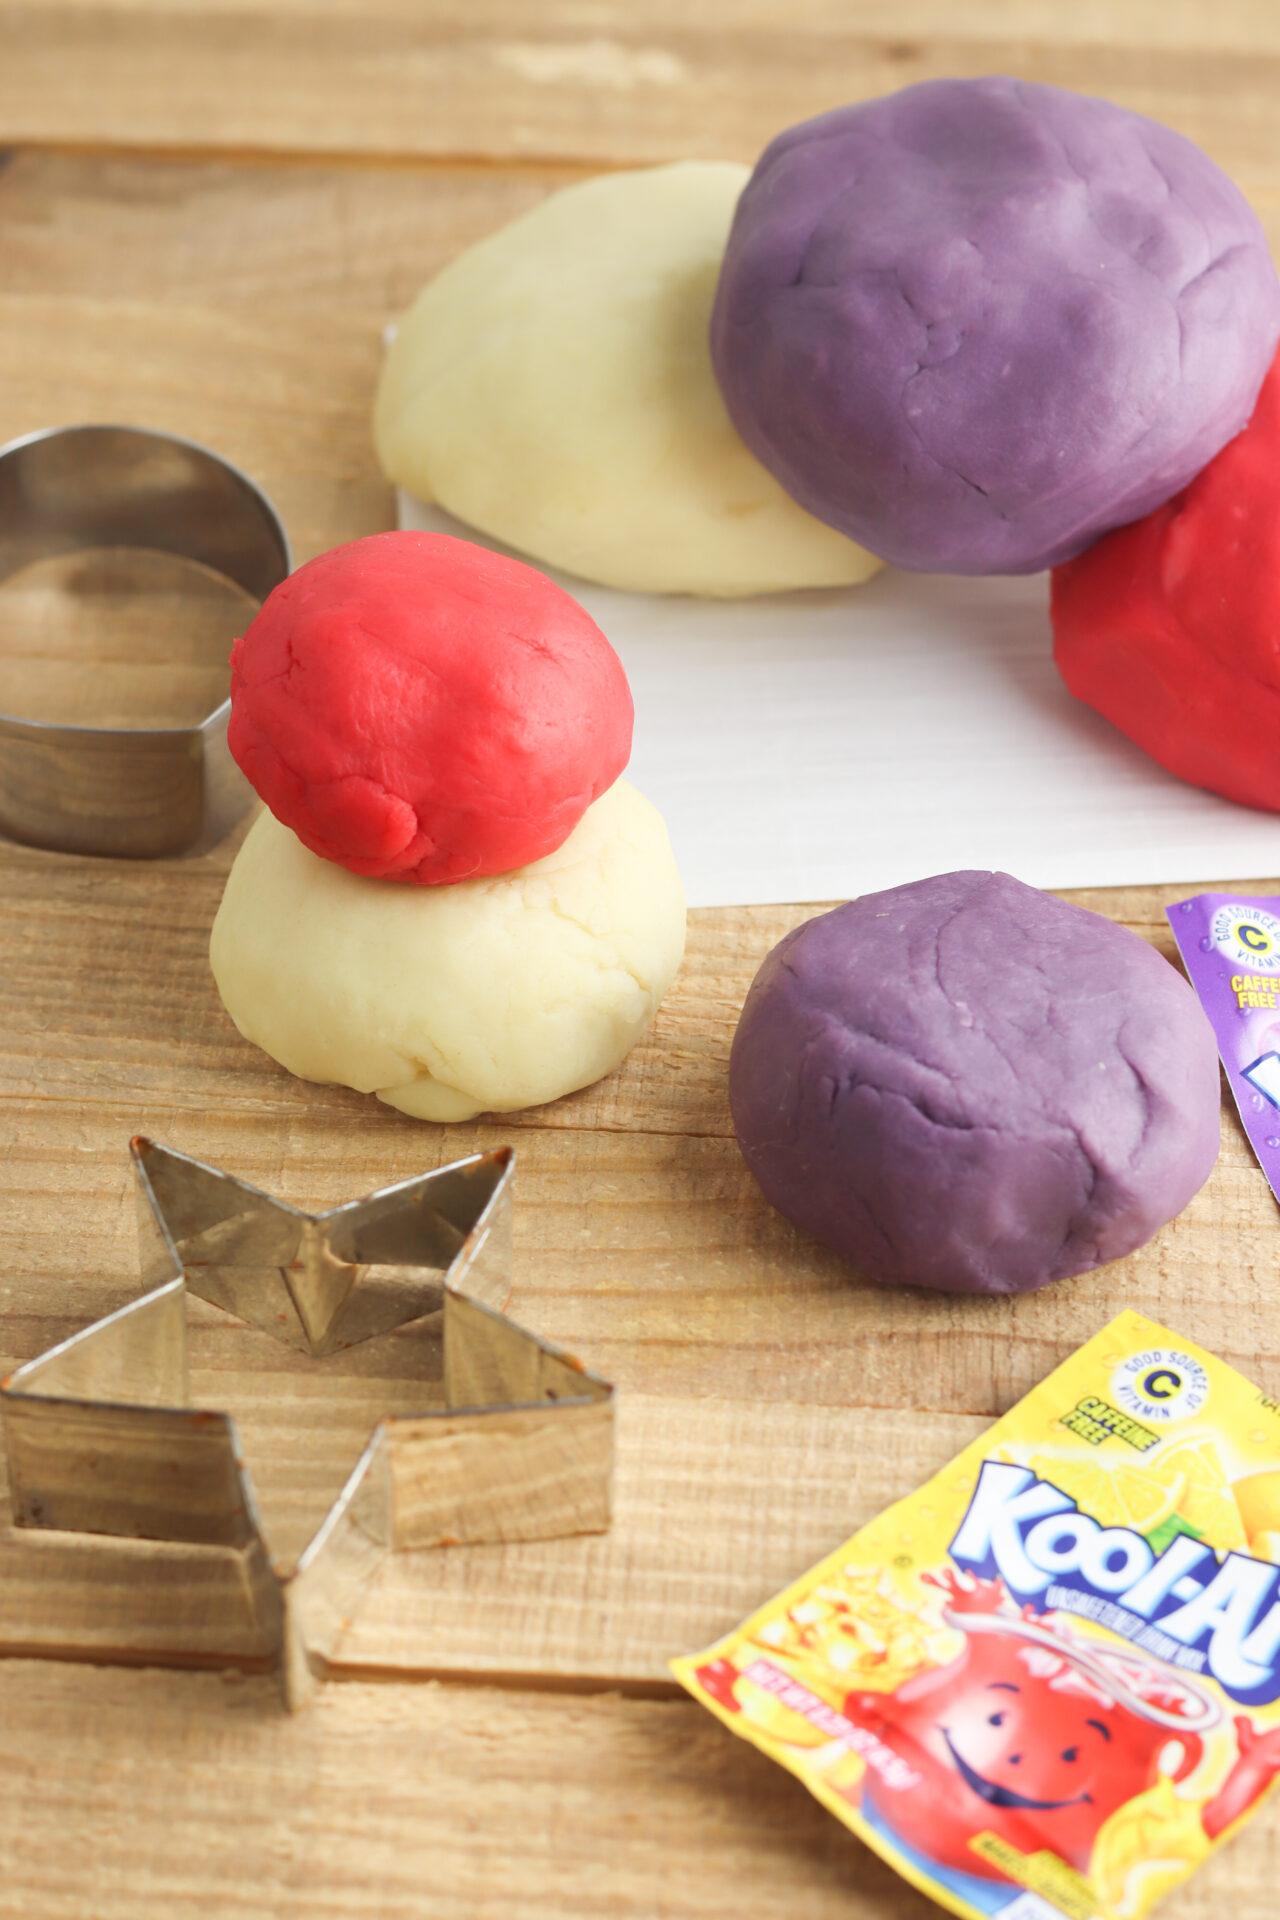 How To Make Kool-Aid Playdough